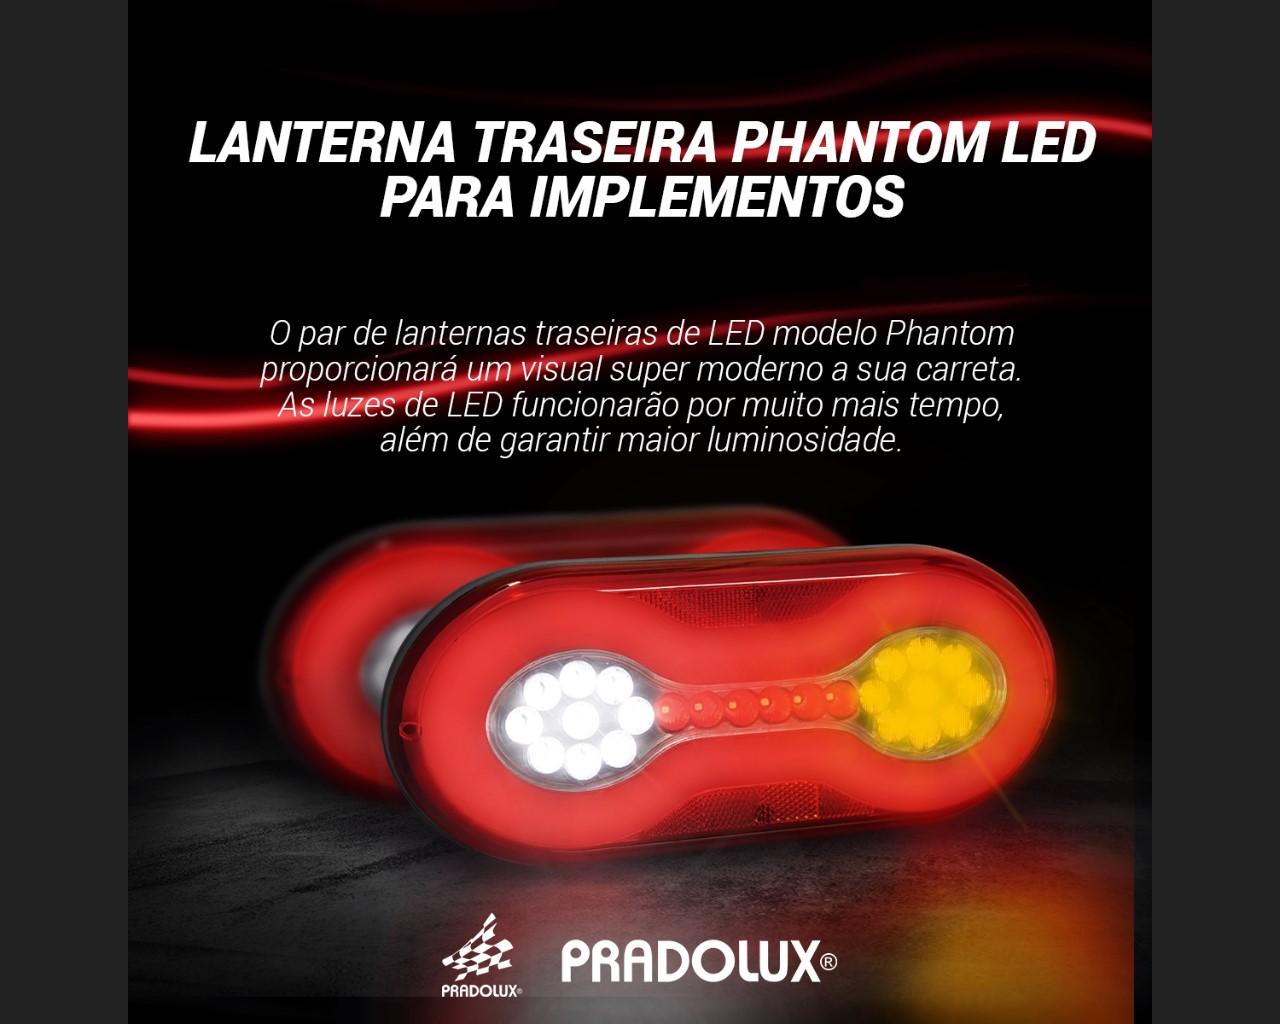 Lanterna Traseira Carreta Randon Universal Led 24V Lado Direito